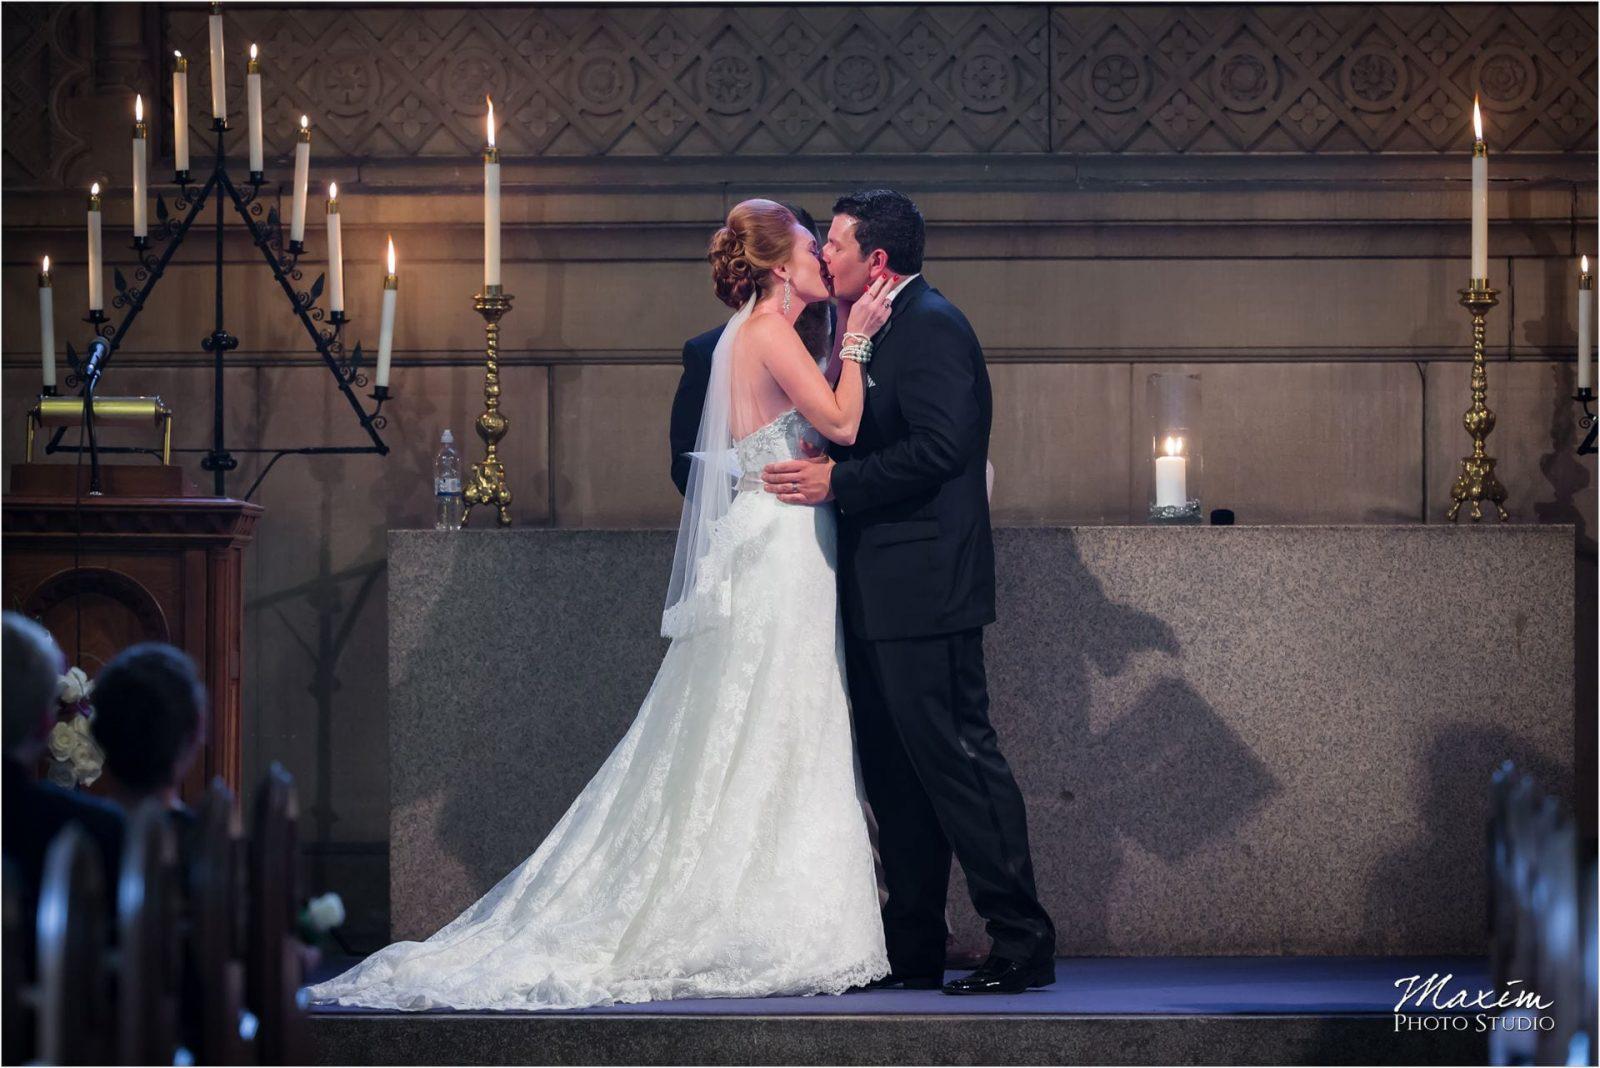 Norman Chapel, Cincinnati Best Wedding Pictures